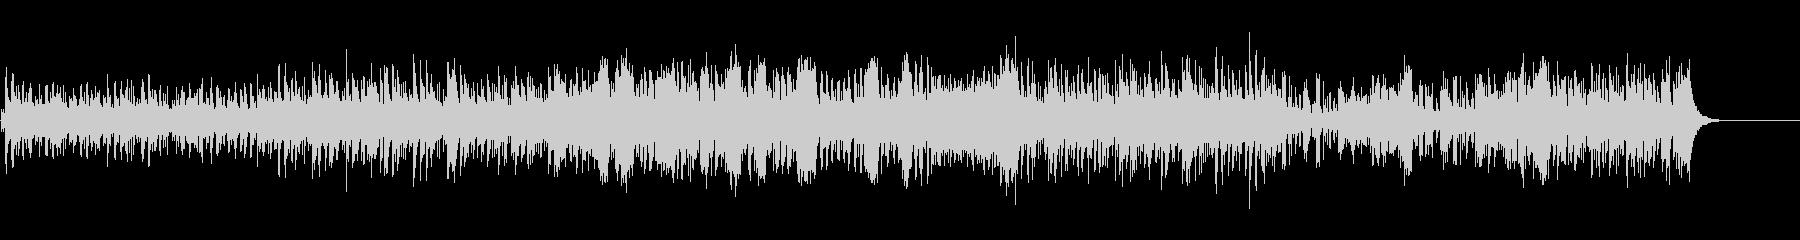 【曲頭の打楽器なし】南国のゆるいBGMの未再生の波形